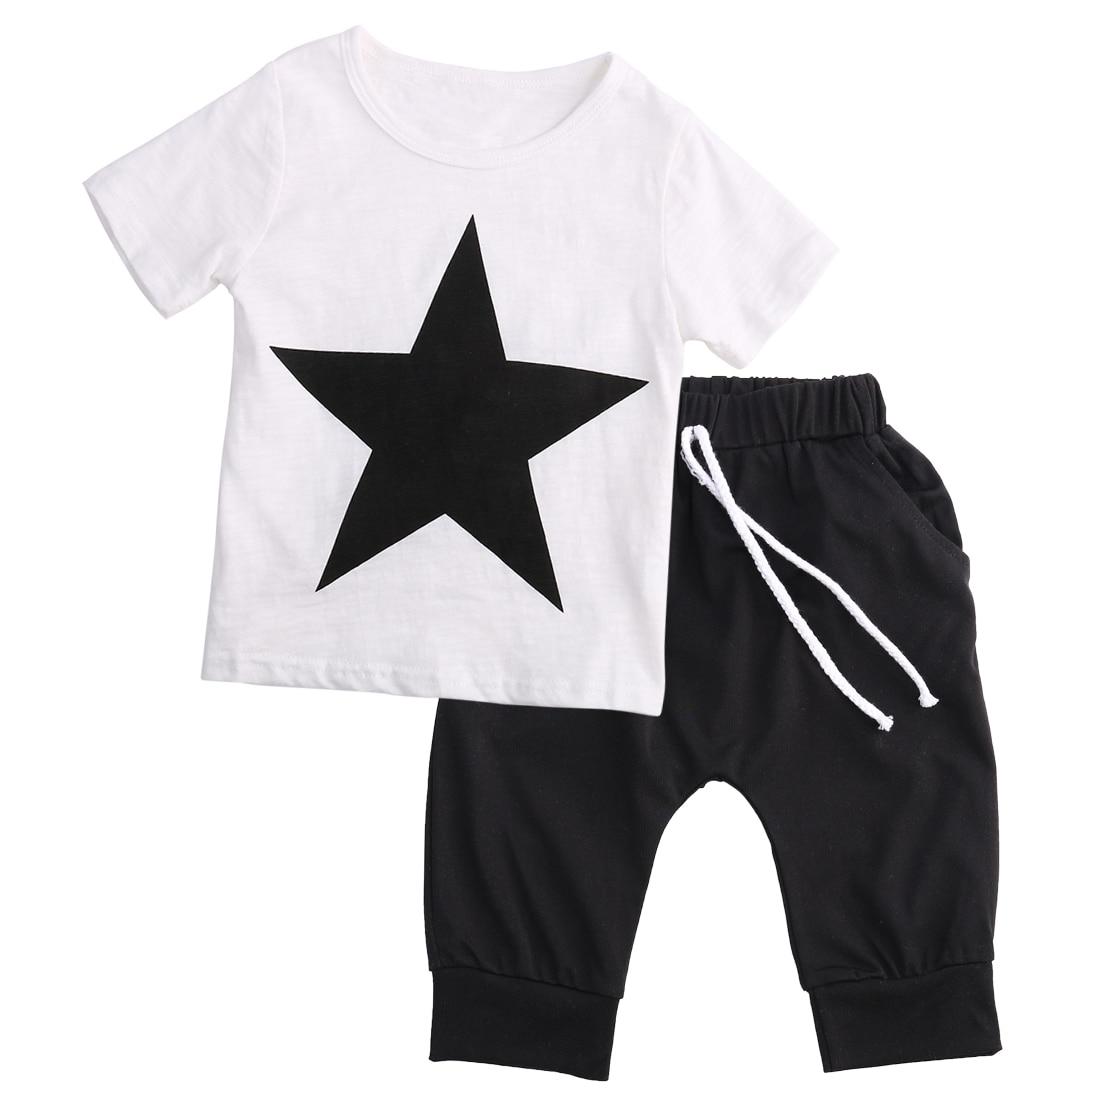 Baby Boy Clothes Set Hot Sales Brief Star Print Fashion T-shirt Top Harem Outfit Set 2-7T 2pcs set baby clothes set boy